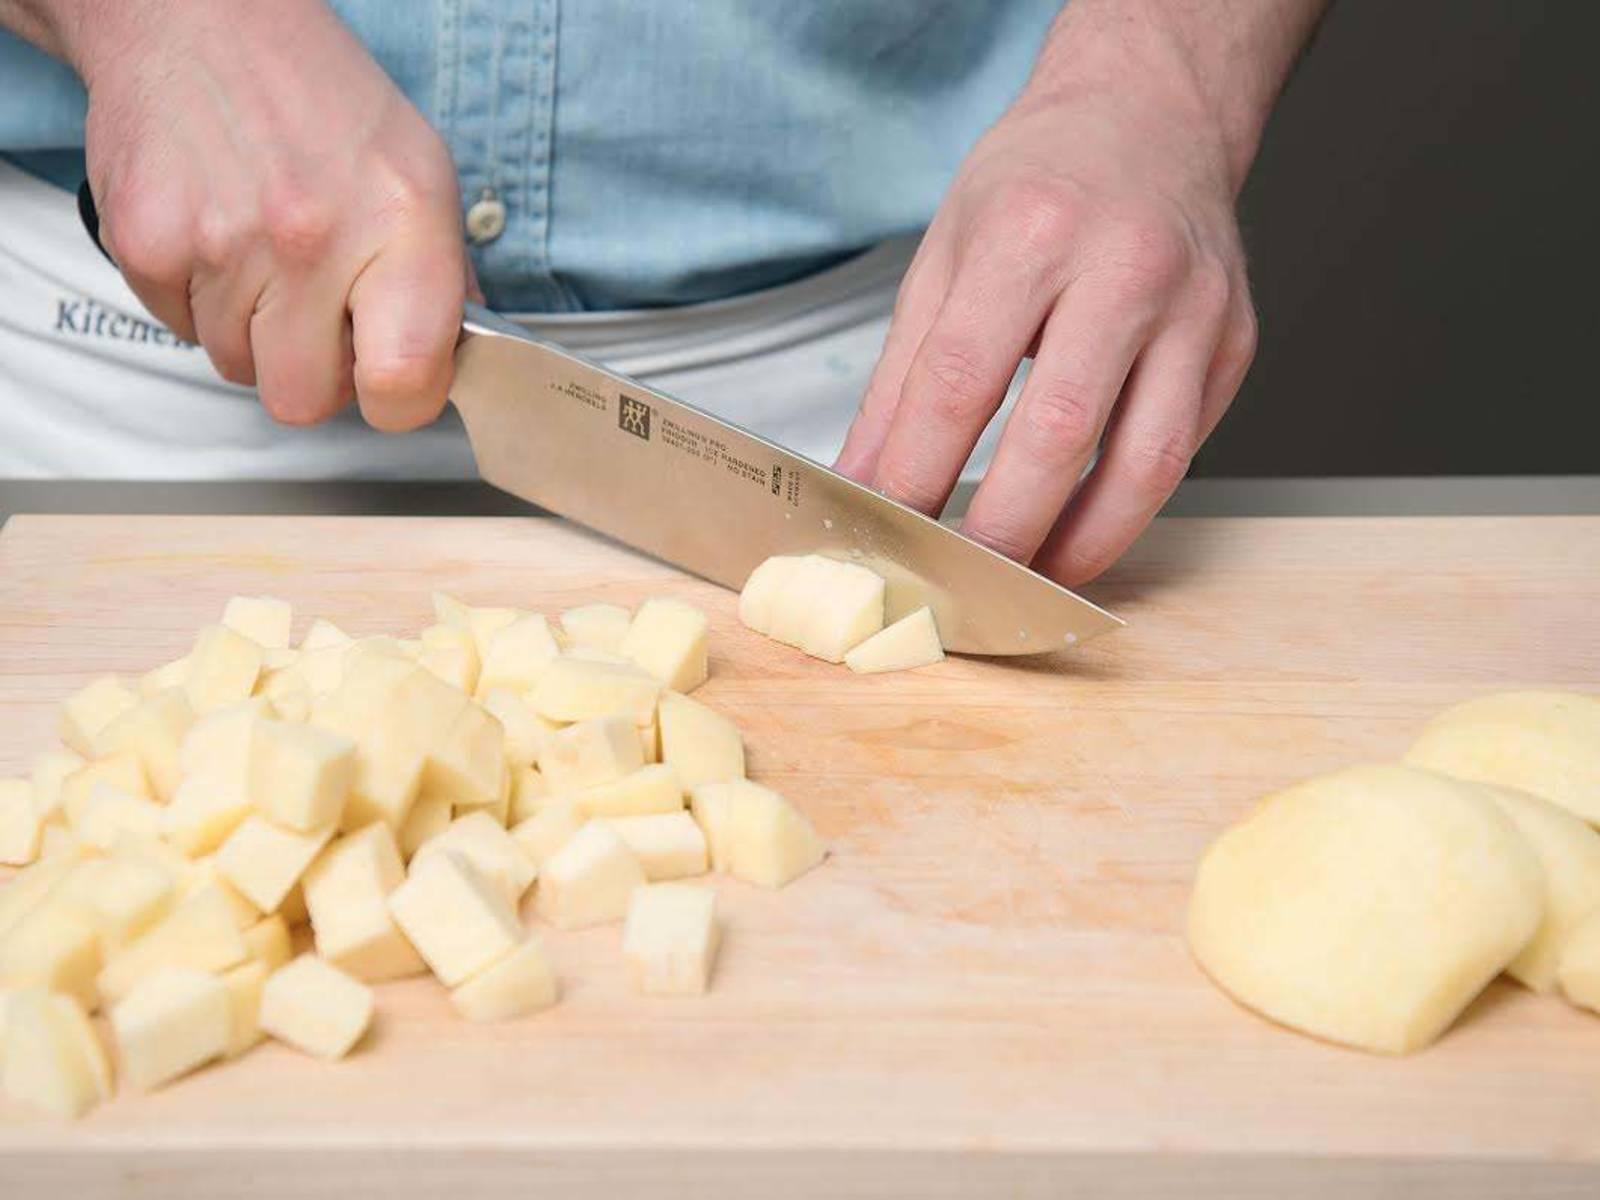 Den Stiel der Quitten abschneiden. Quitten anschießend schälen, vierteln, entkernen und das Fruchtfleisch in Stücke schneiden.